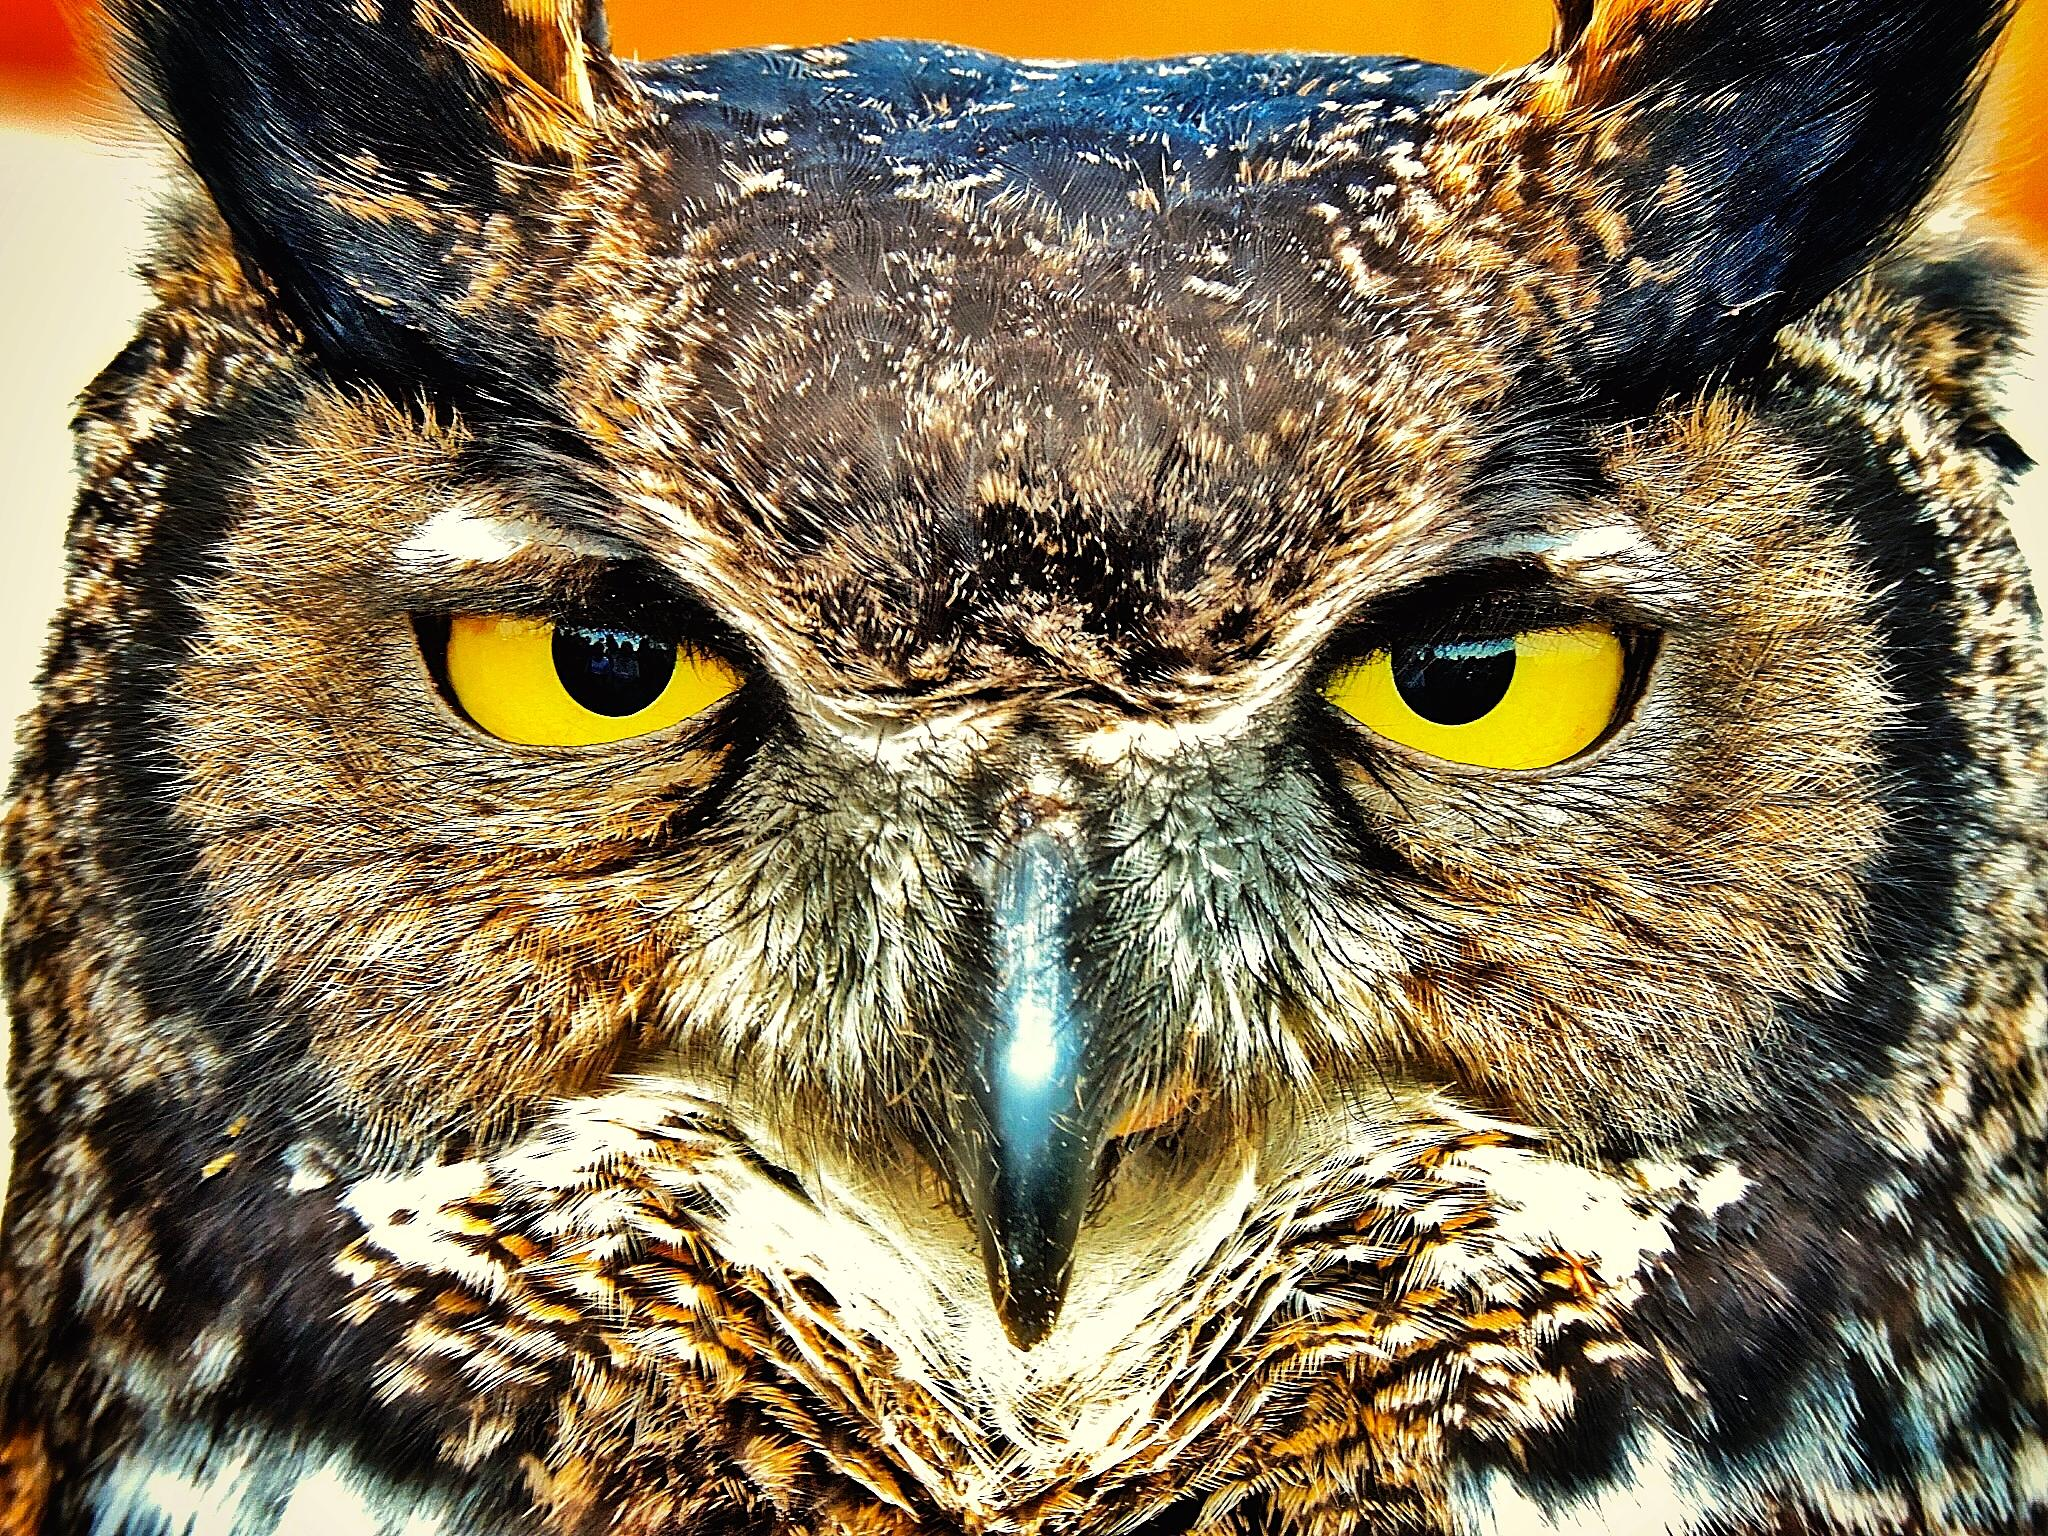 Owl by kent.otterdahl